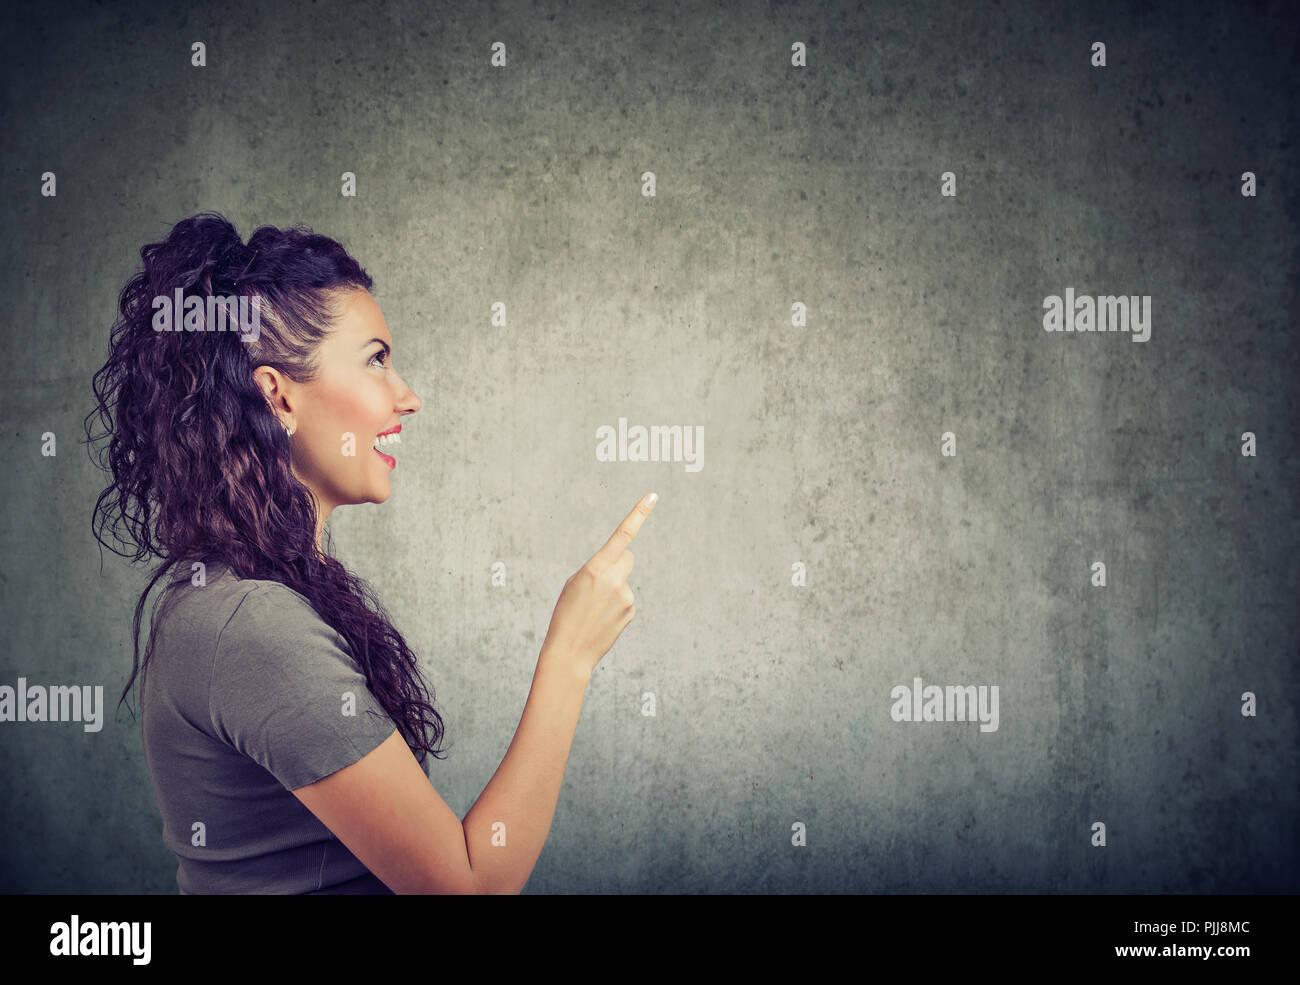 Seitenansicht der aufgeregten Frau mit Finger bis in helle Idee auf grauem Hintergrund Stockbild